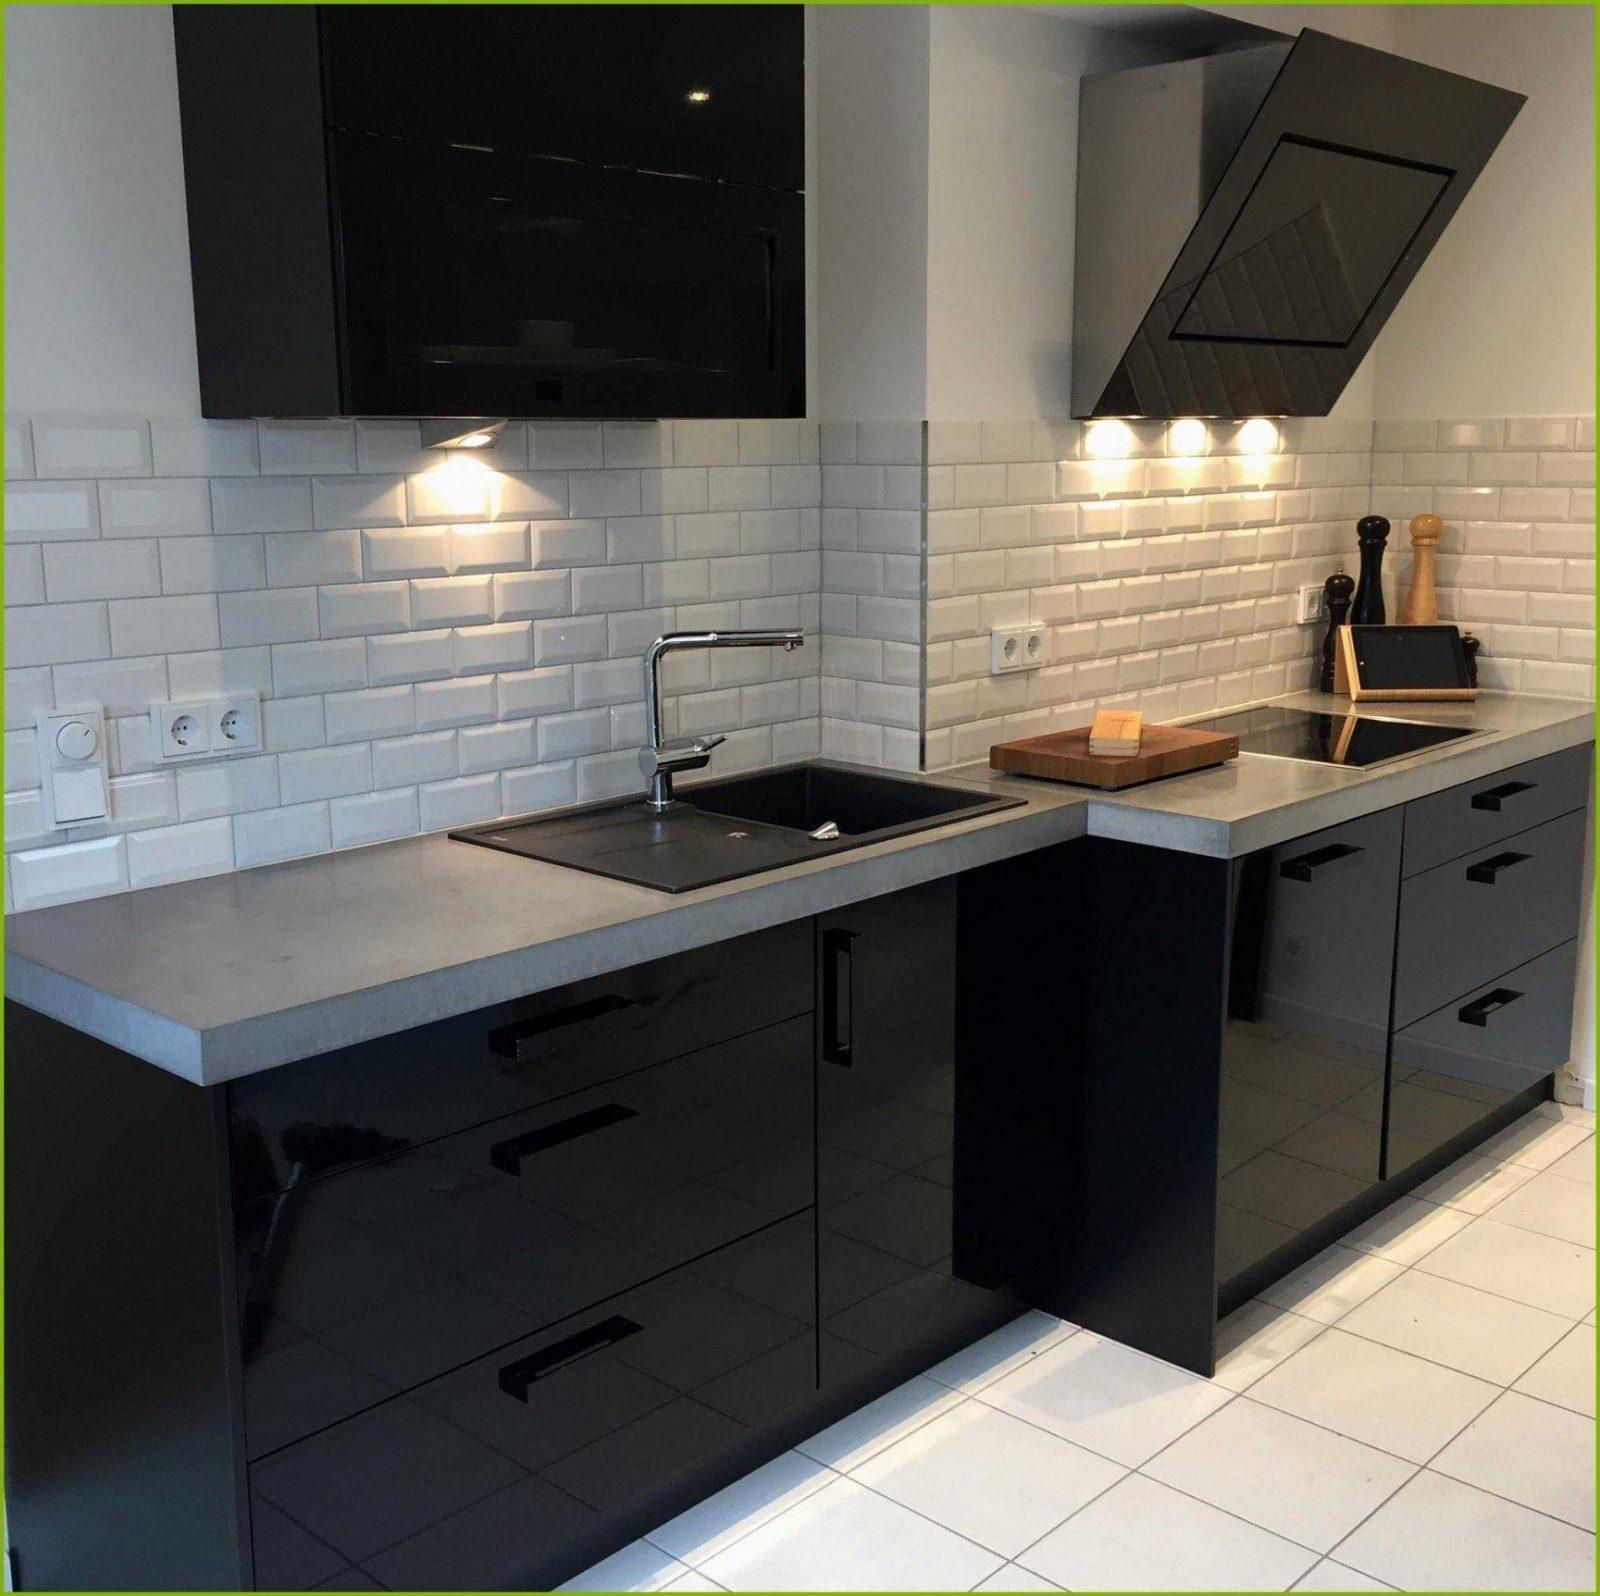 Arbeitsplatte Beton Ikea Erstaunliche Küche Selber Bauen Beton von Beton Küche Selber Bauen Bild